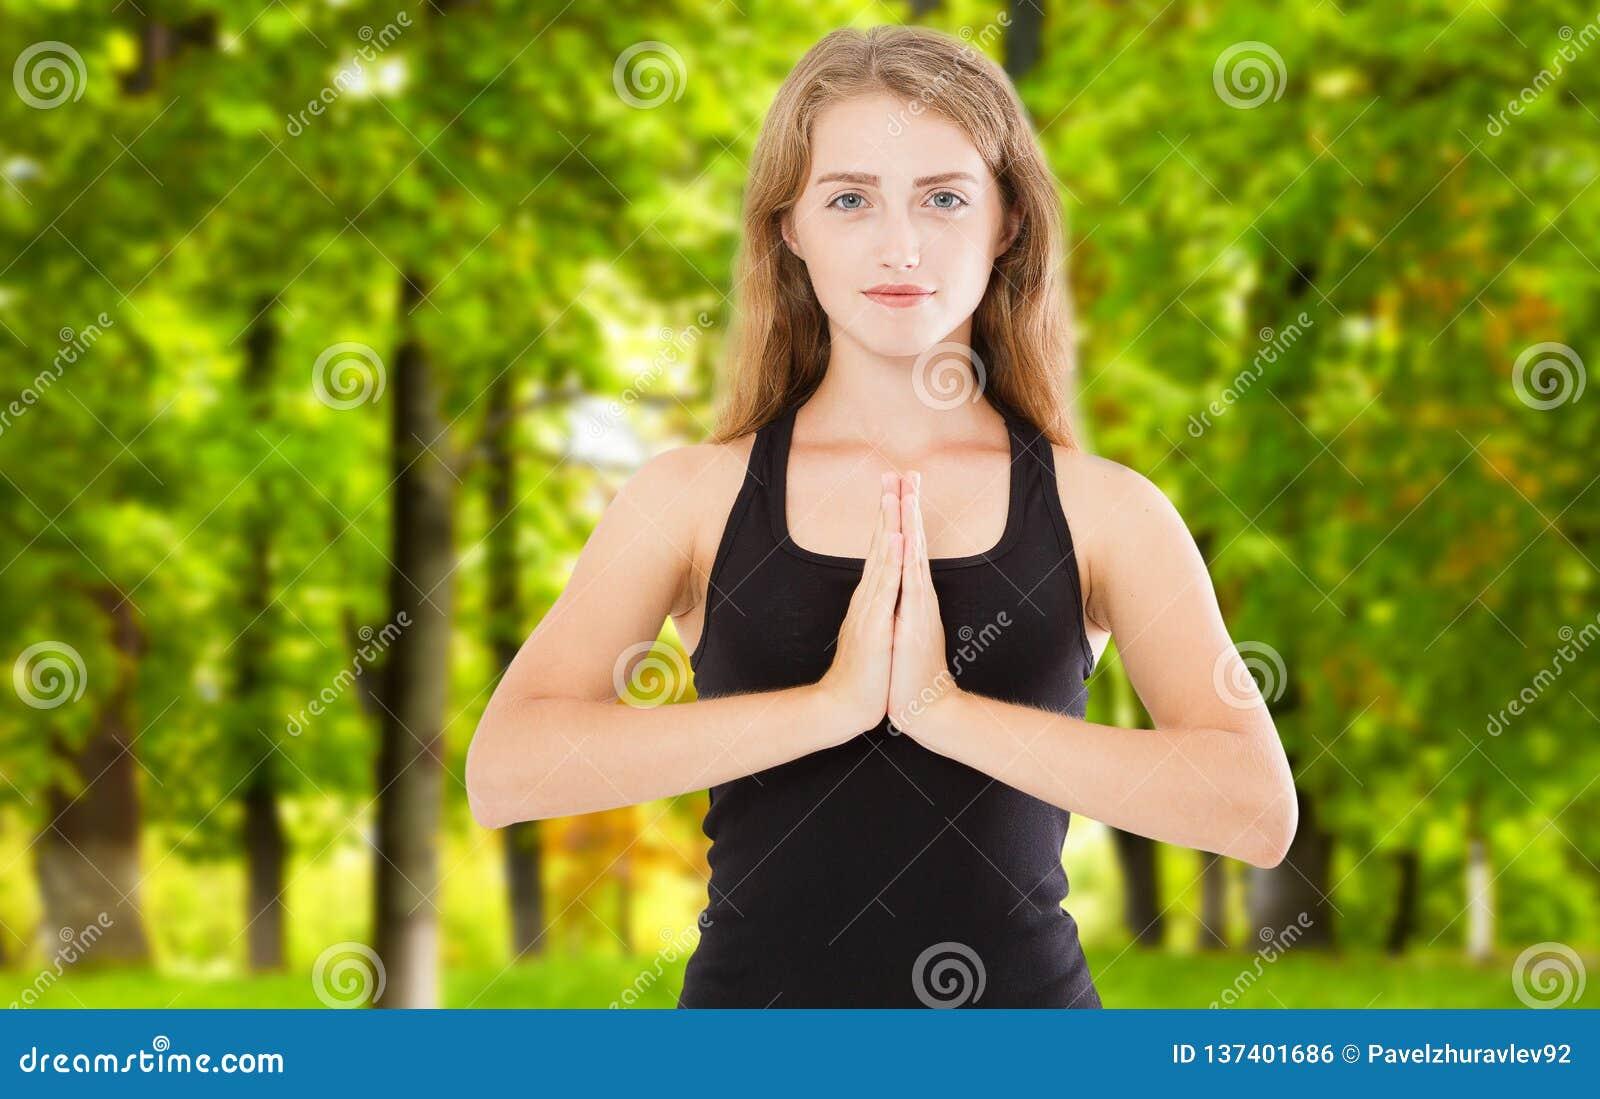 Νέα όμορφη γυναίκα με μακροχρόνιο σγουρό τρίχας στο ελαφρύ υπόβαθρο πάρκων Παραδίδει Namaste Προσεηθείτε, ευγνωμοσύνη, γιόγκα, Θε